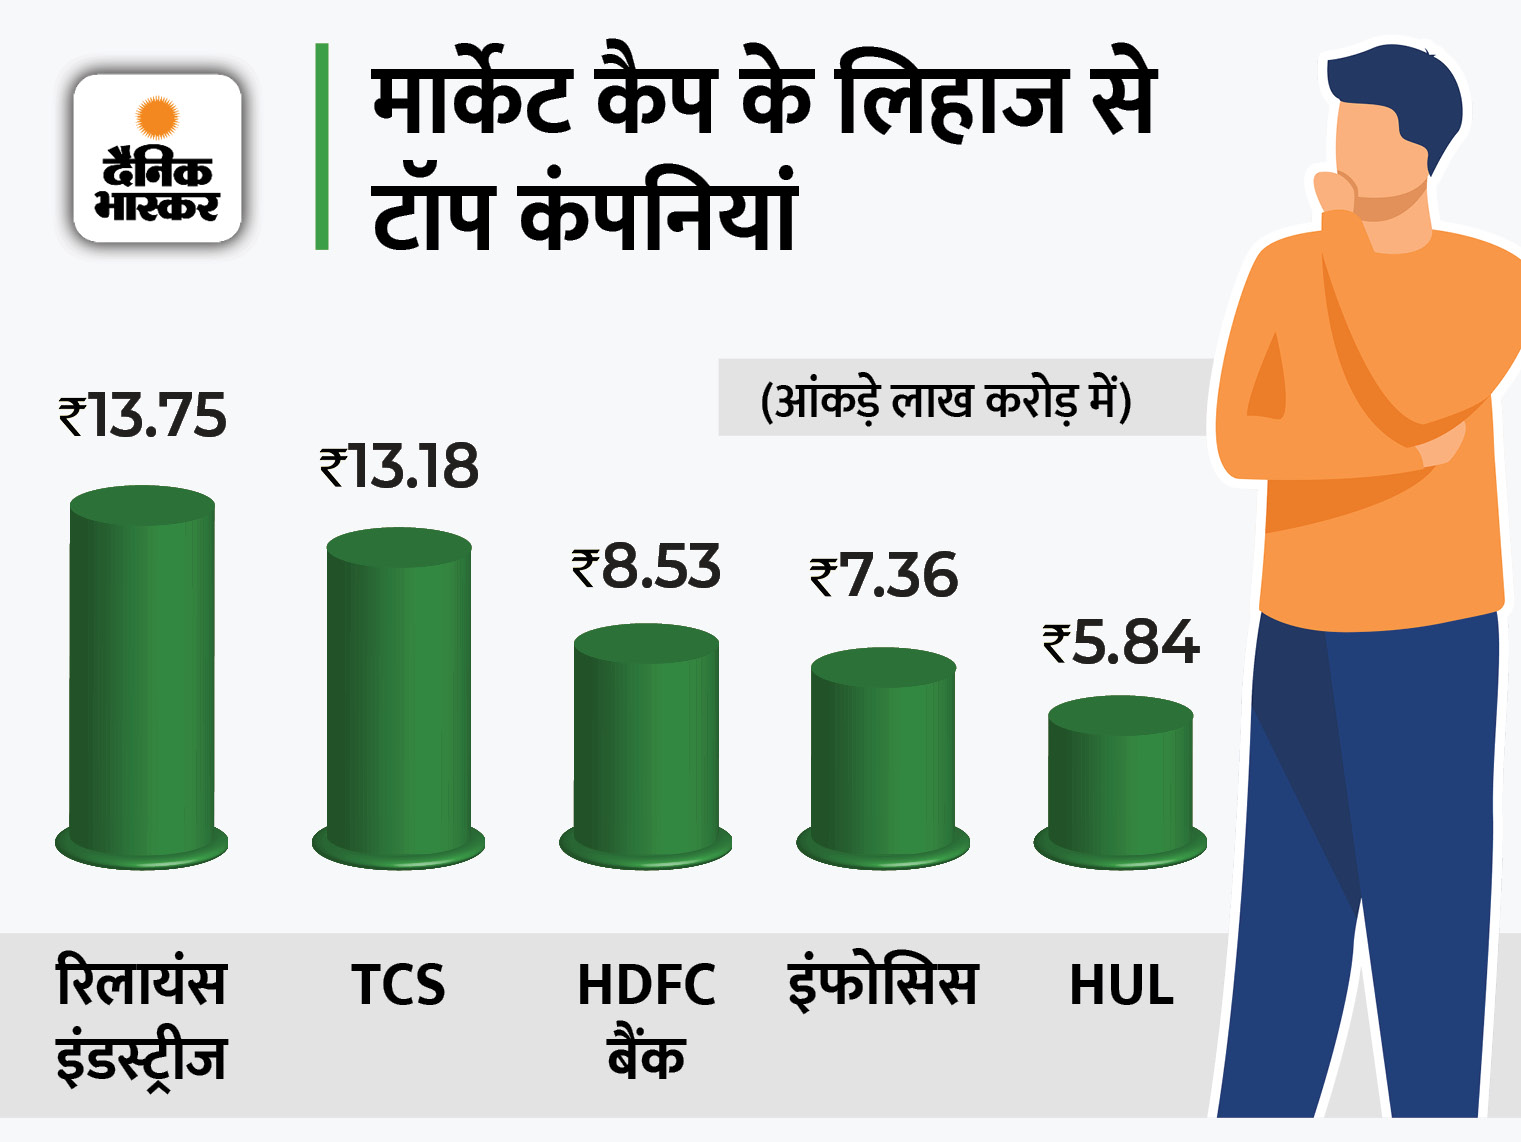 13 लाख करोड़ मार्केट कैप वाली दूसरी कंपनी बनी, एक महीने में शेयरों में 15% का उछाल बिजनेस,Business - Dainik Bhaskar